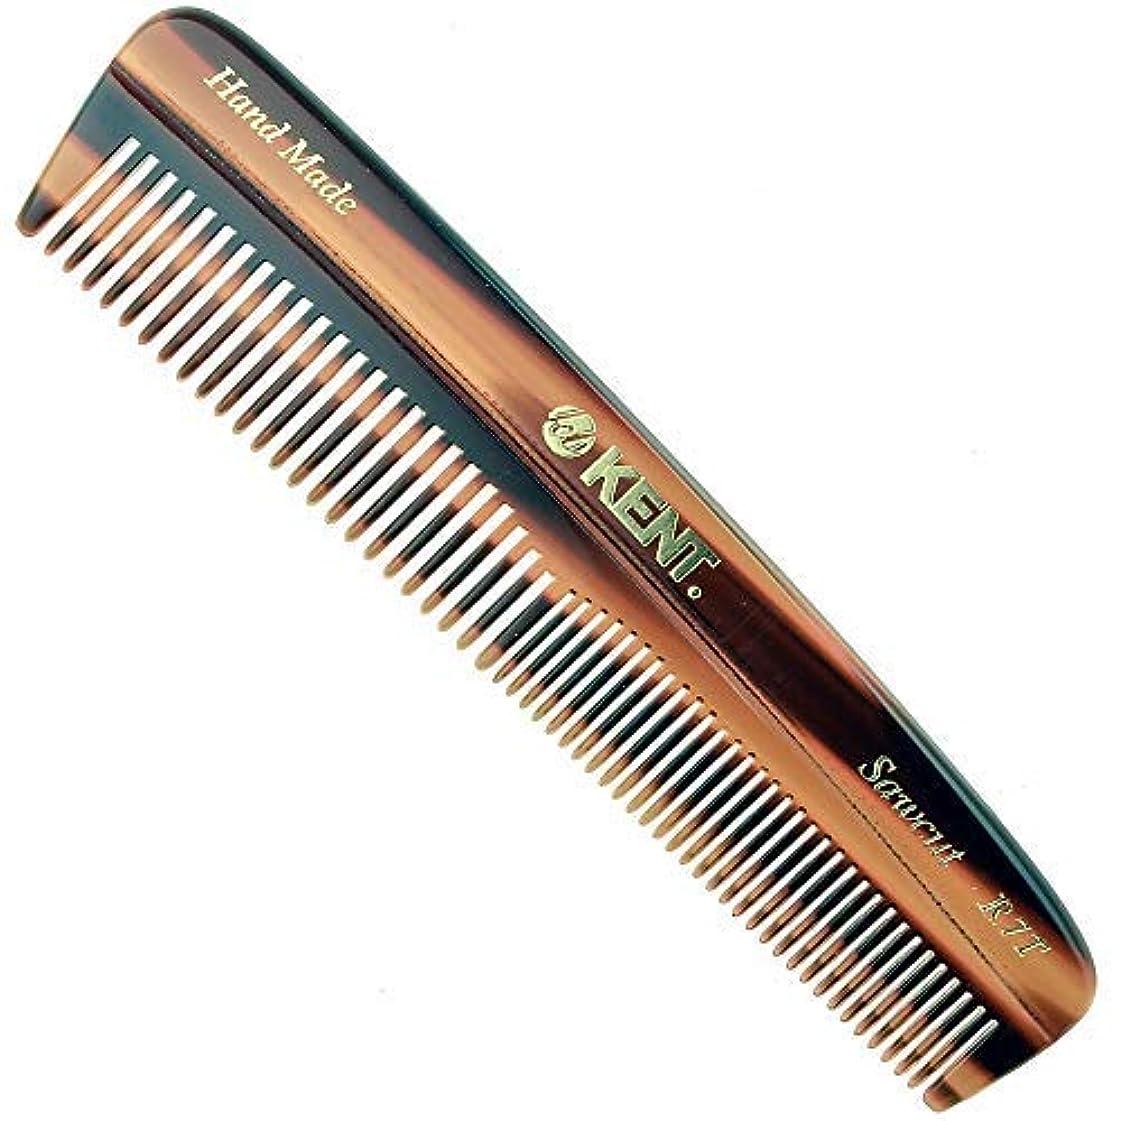 美しい中級シンプルなKent R7T - Men's/Women's Coarse and Fine Toothed Small Travel Pocket Comb 130mm/5.63